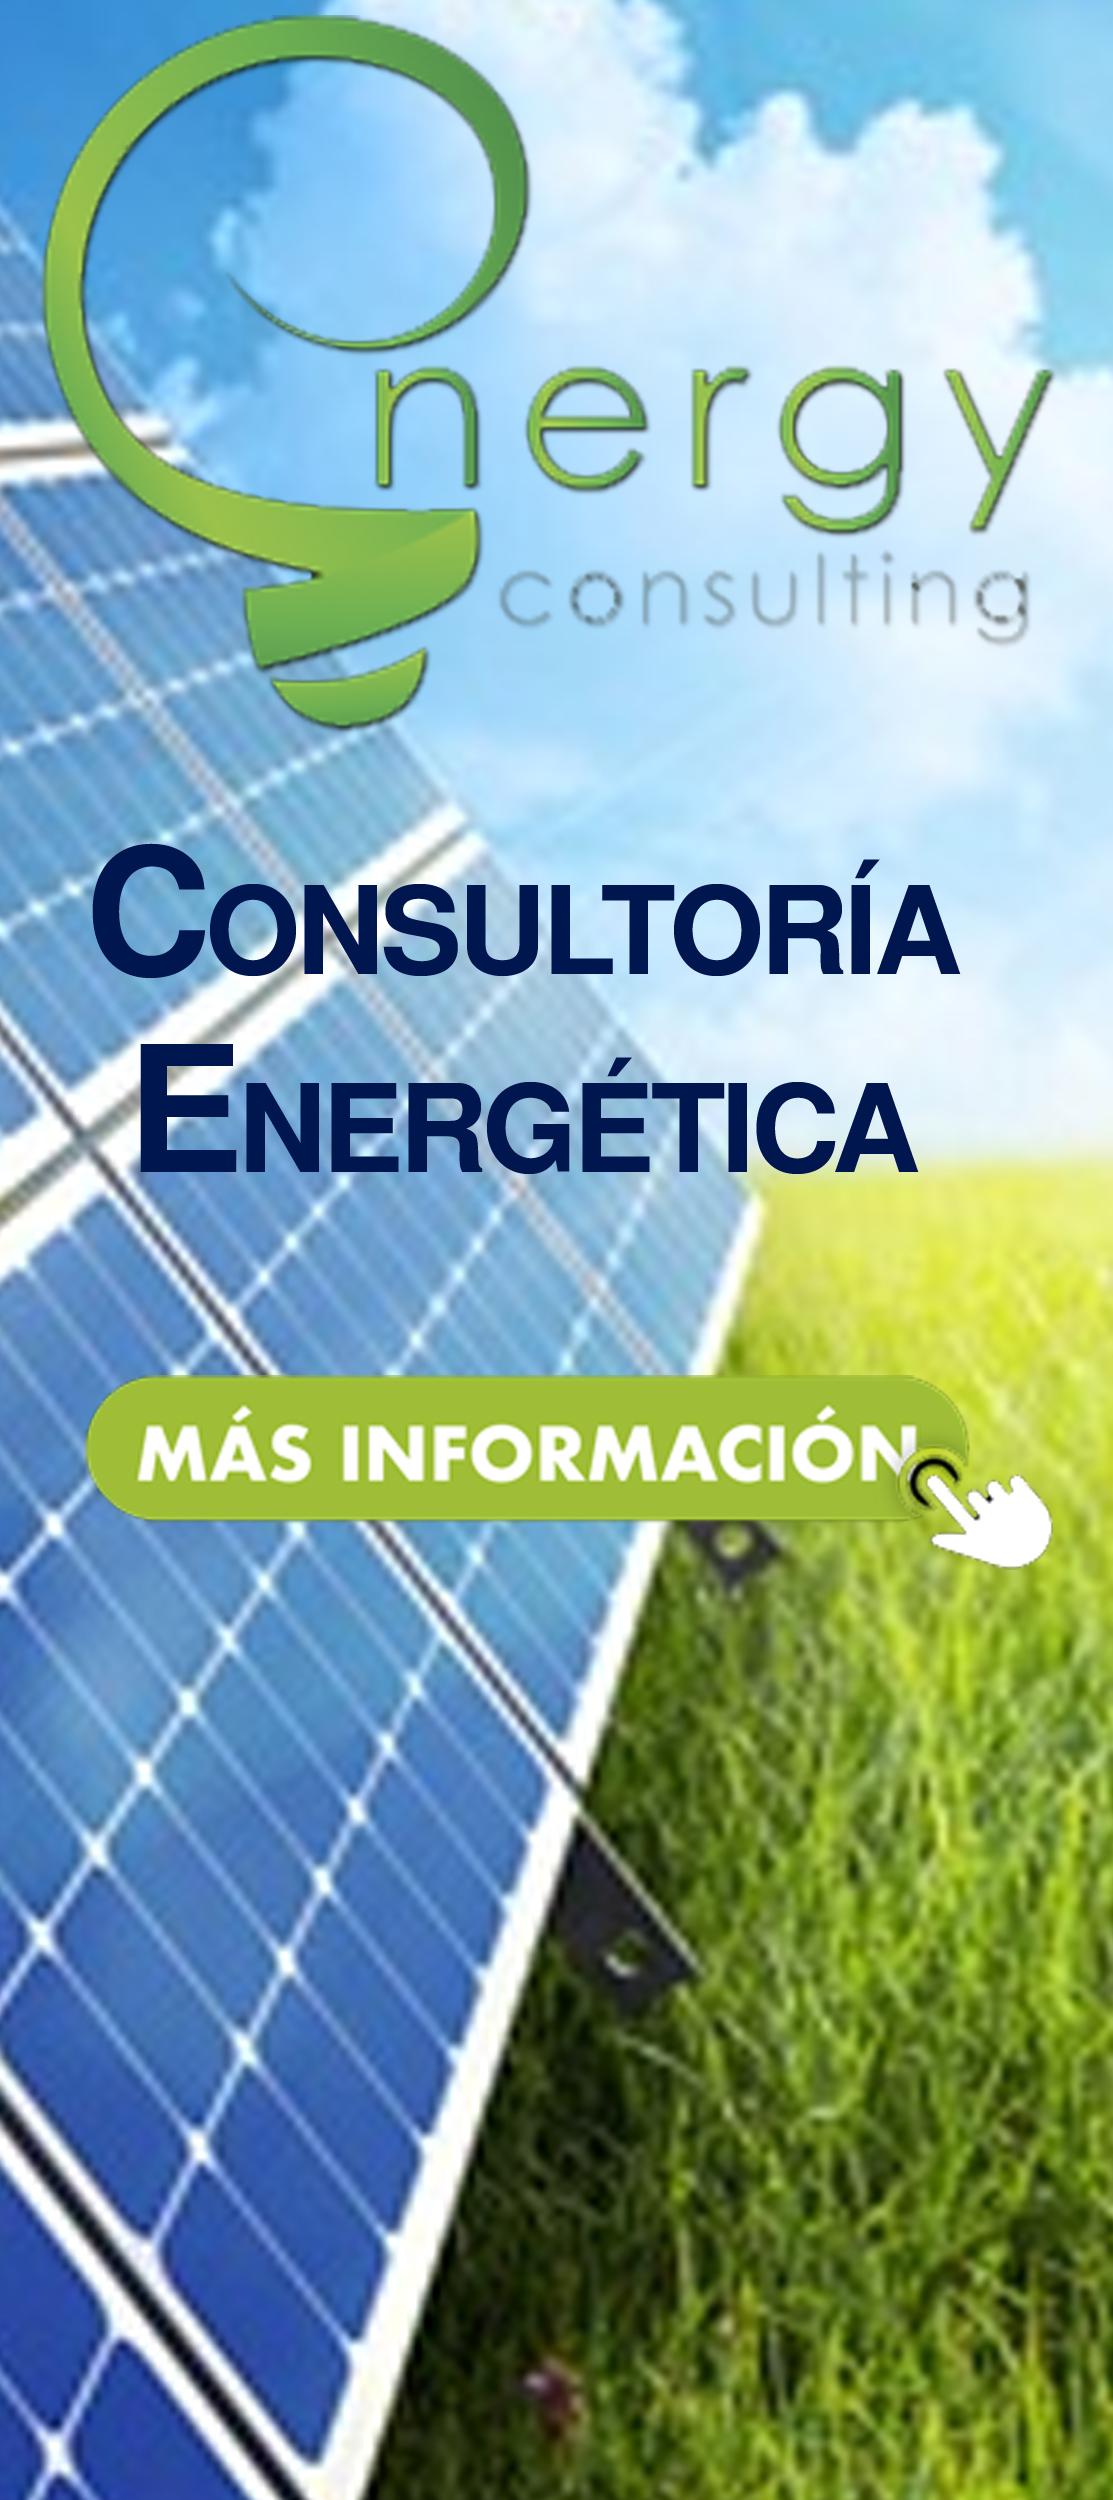 publicidad-energyconsulting-largo.jpg